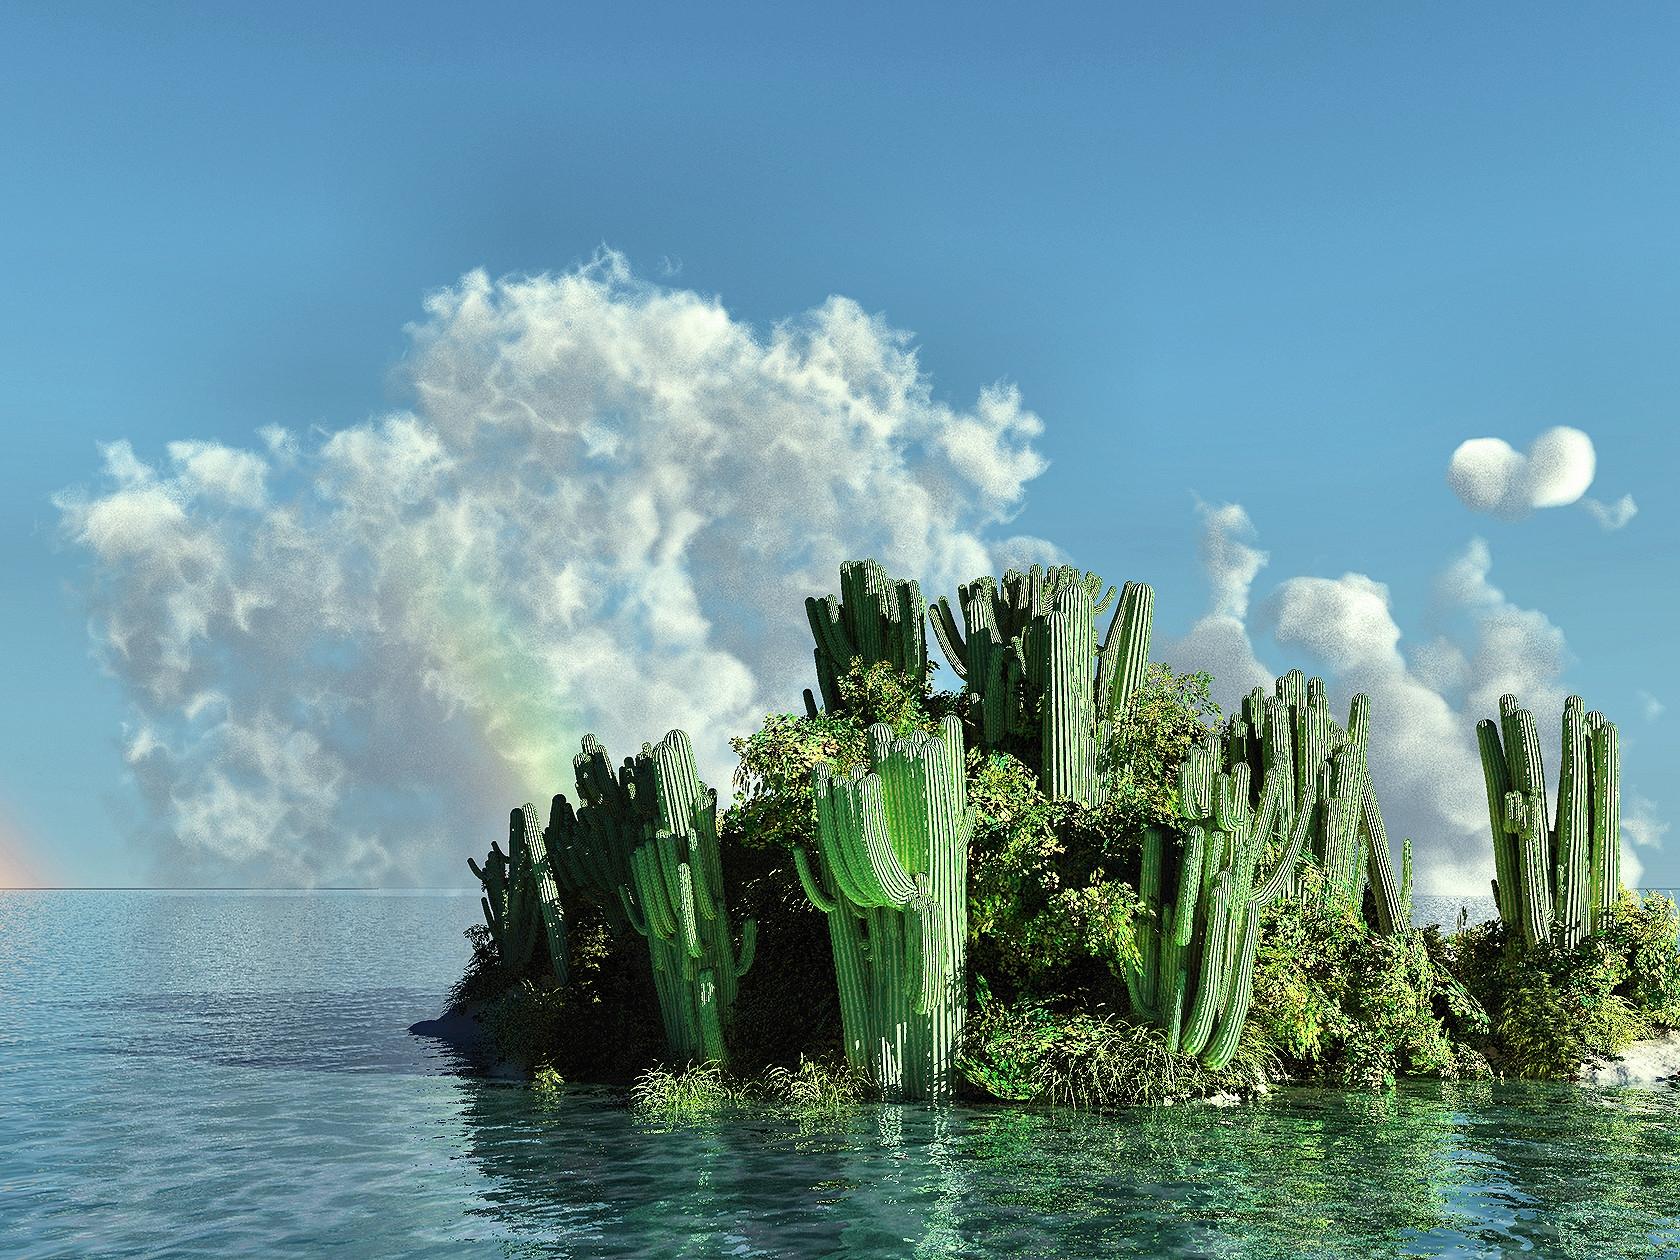 102128 Заставки и Обои Кактусы на телефон. Скачать Природа, Кактусы, Море, Остров картинки бесплатно